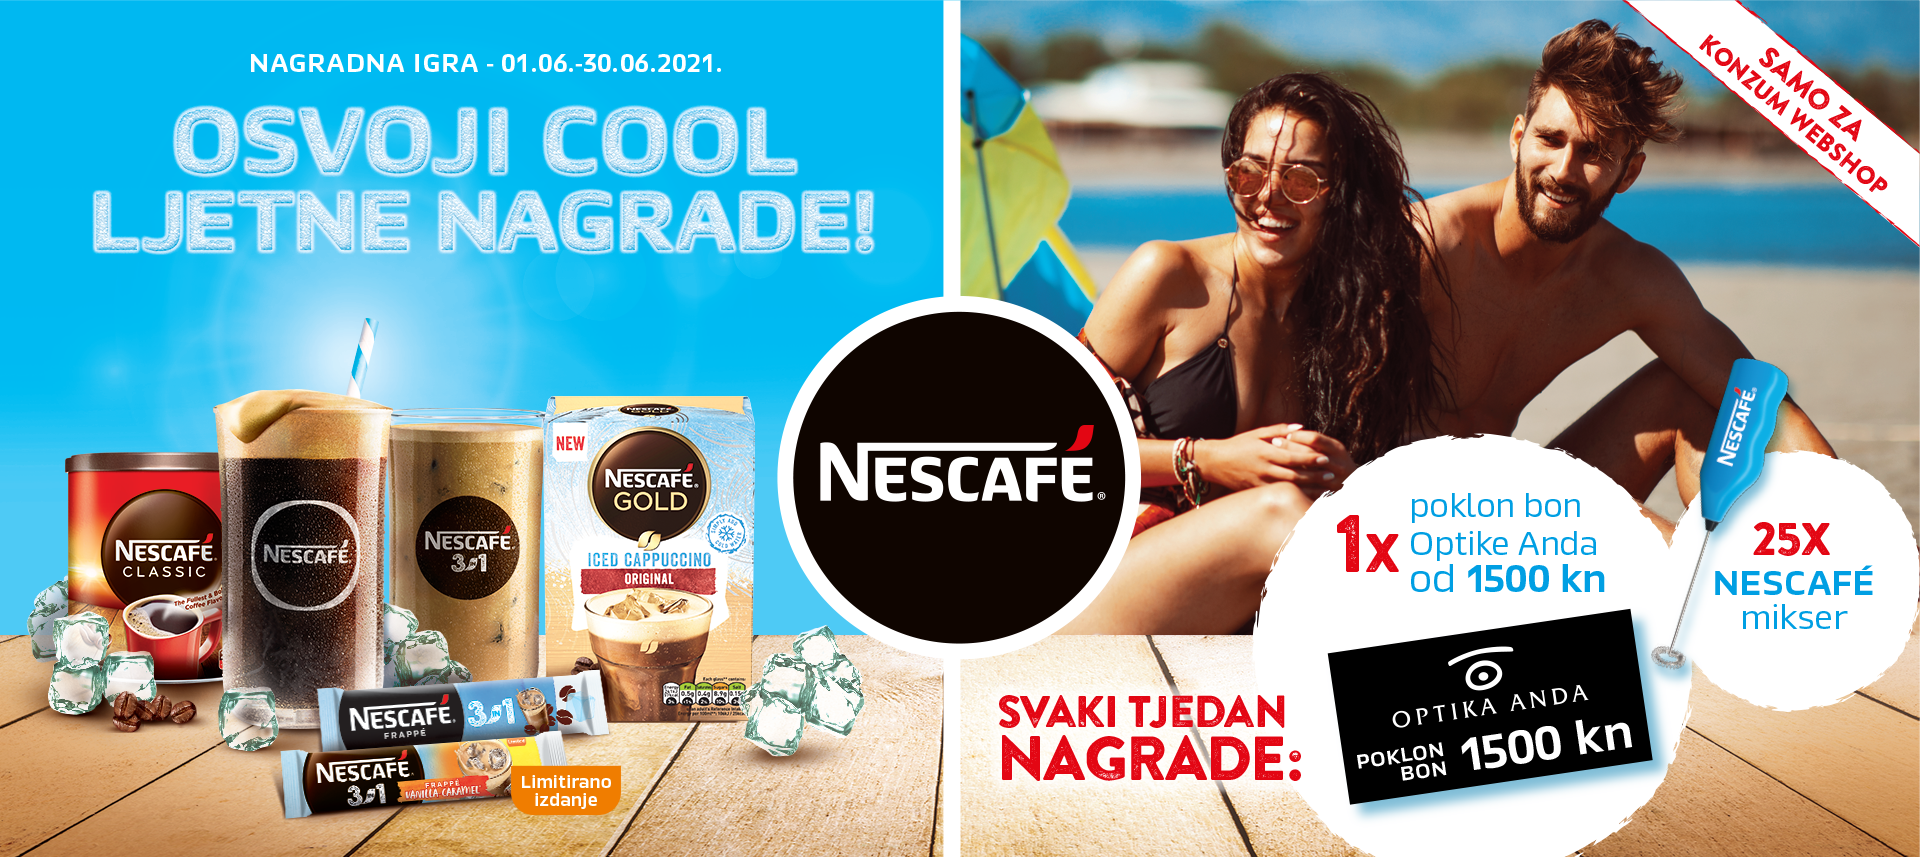 Nescafe Summer PWG Konzum Klik_finalno 0405.png